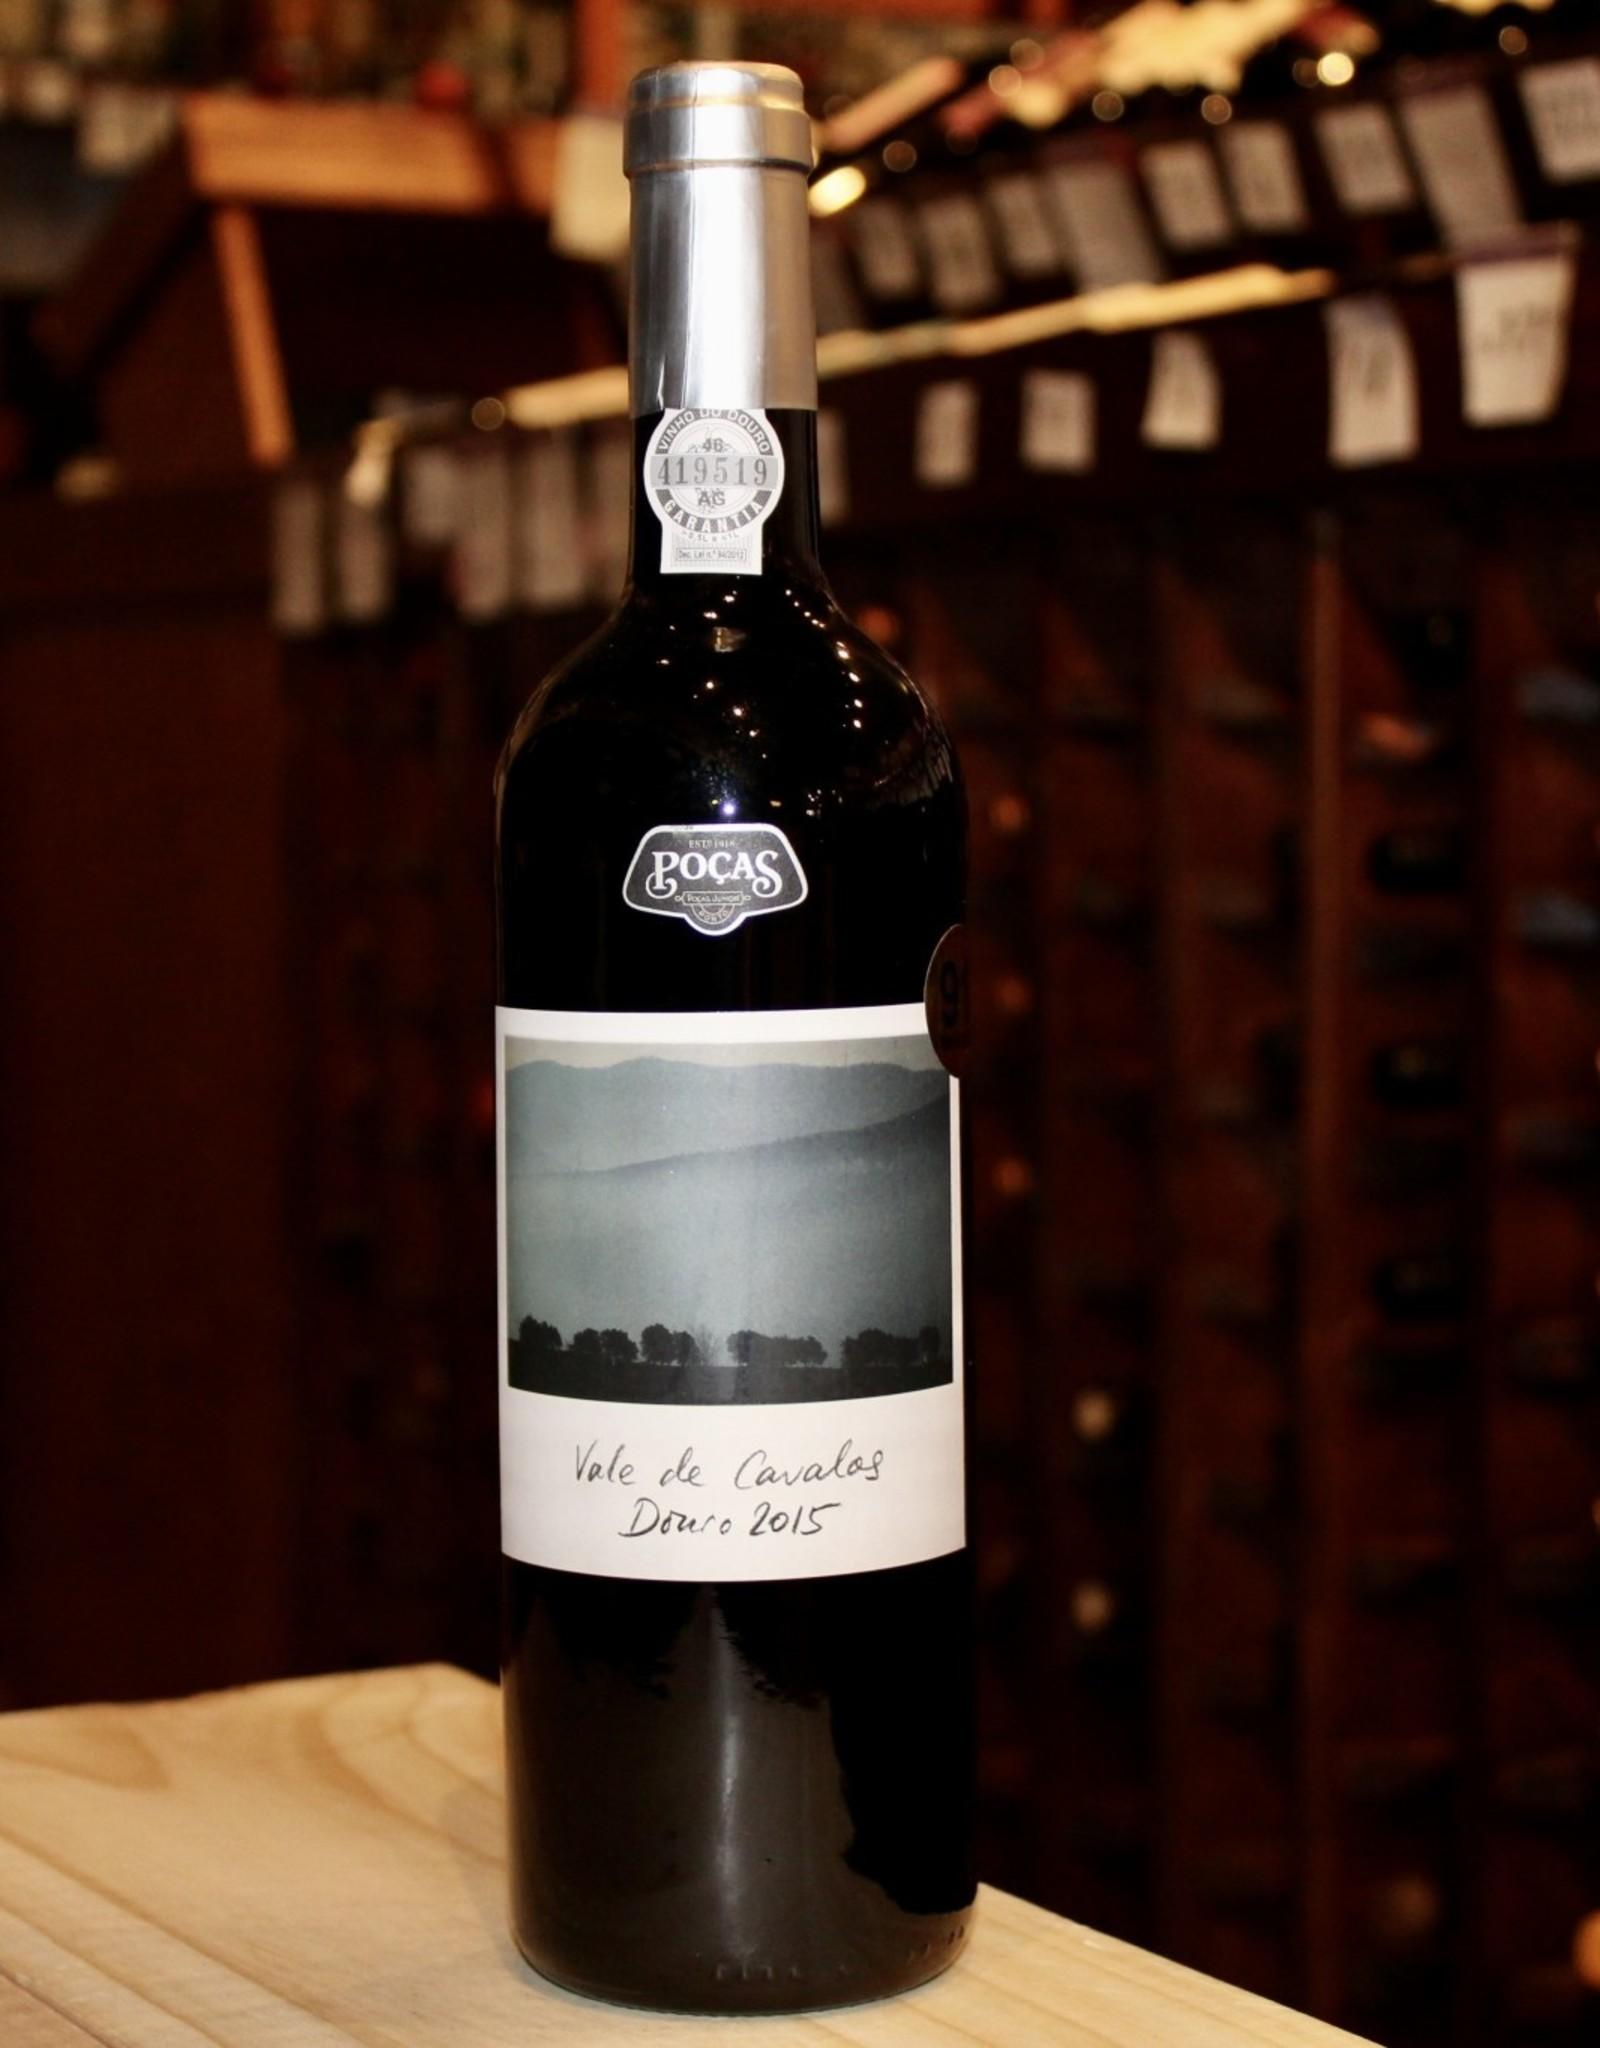 Wine 2015 Pocas Junior Vale de Cavalos - Douro, Portugal (750ml)